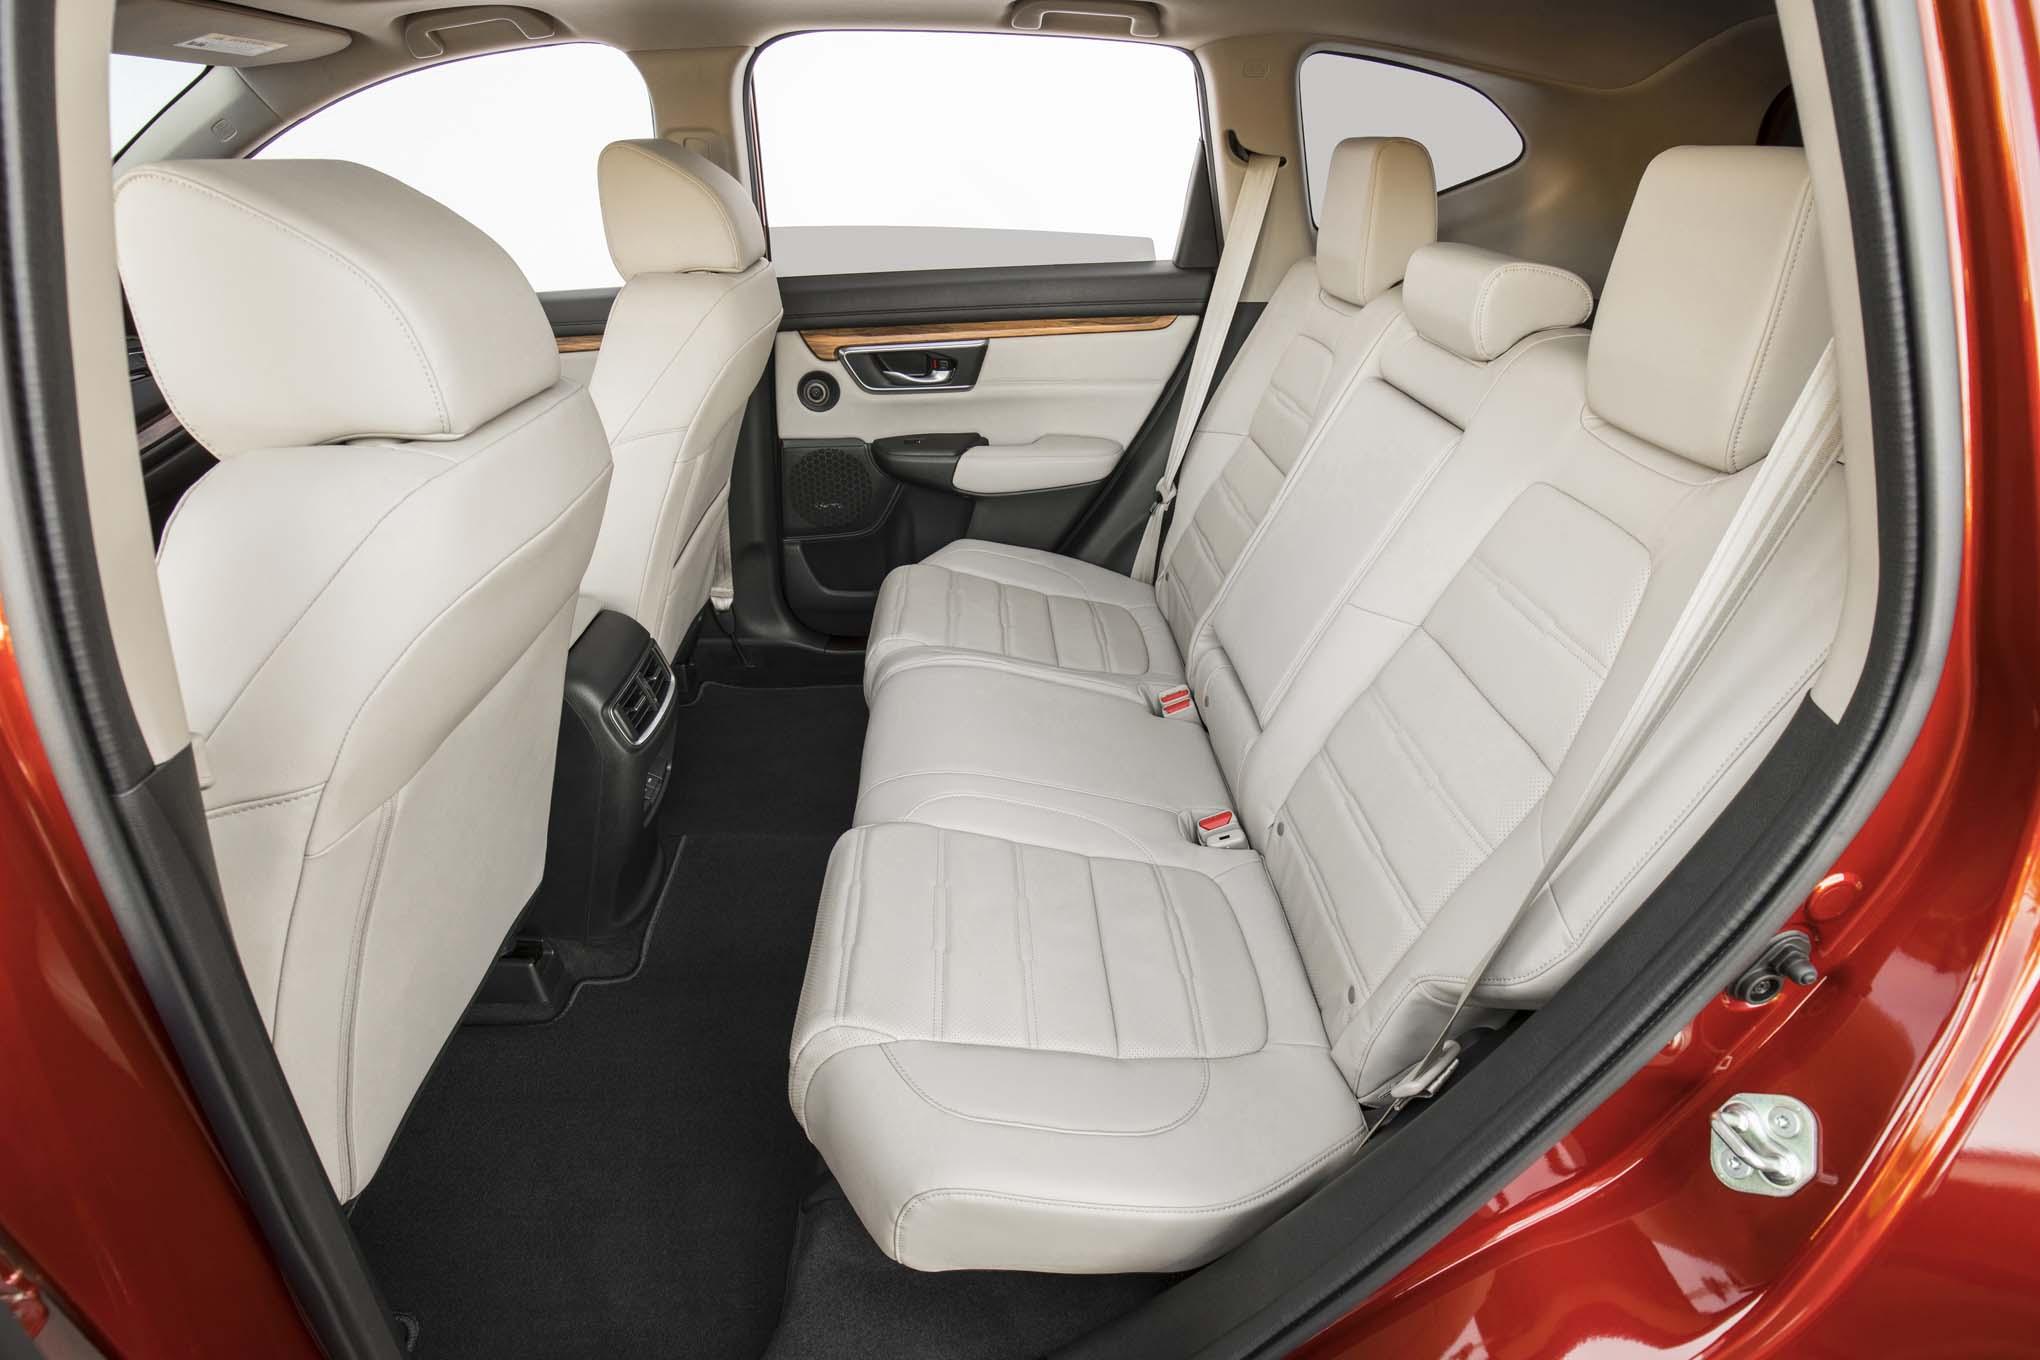 2017 Honda CR V rear interior seats 1